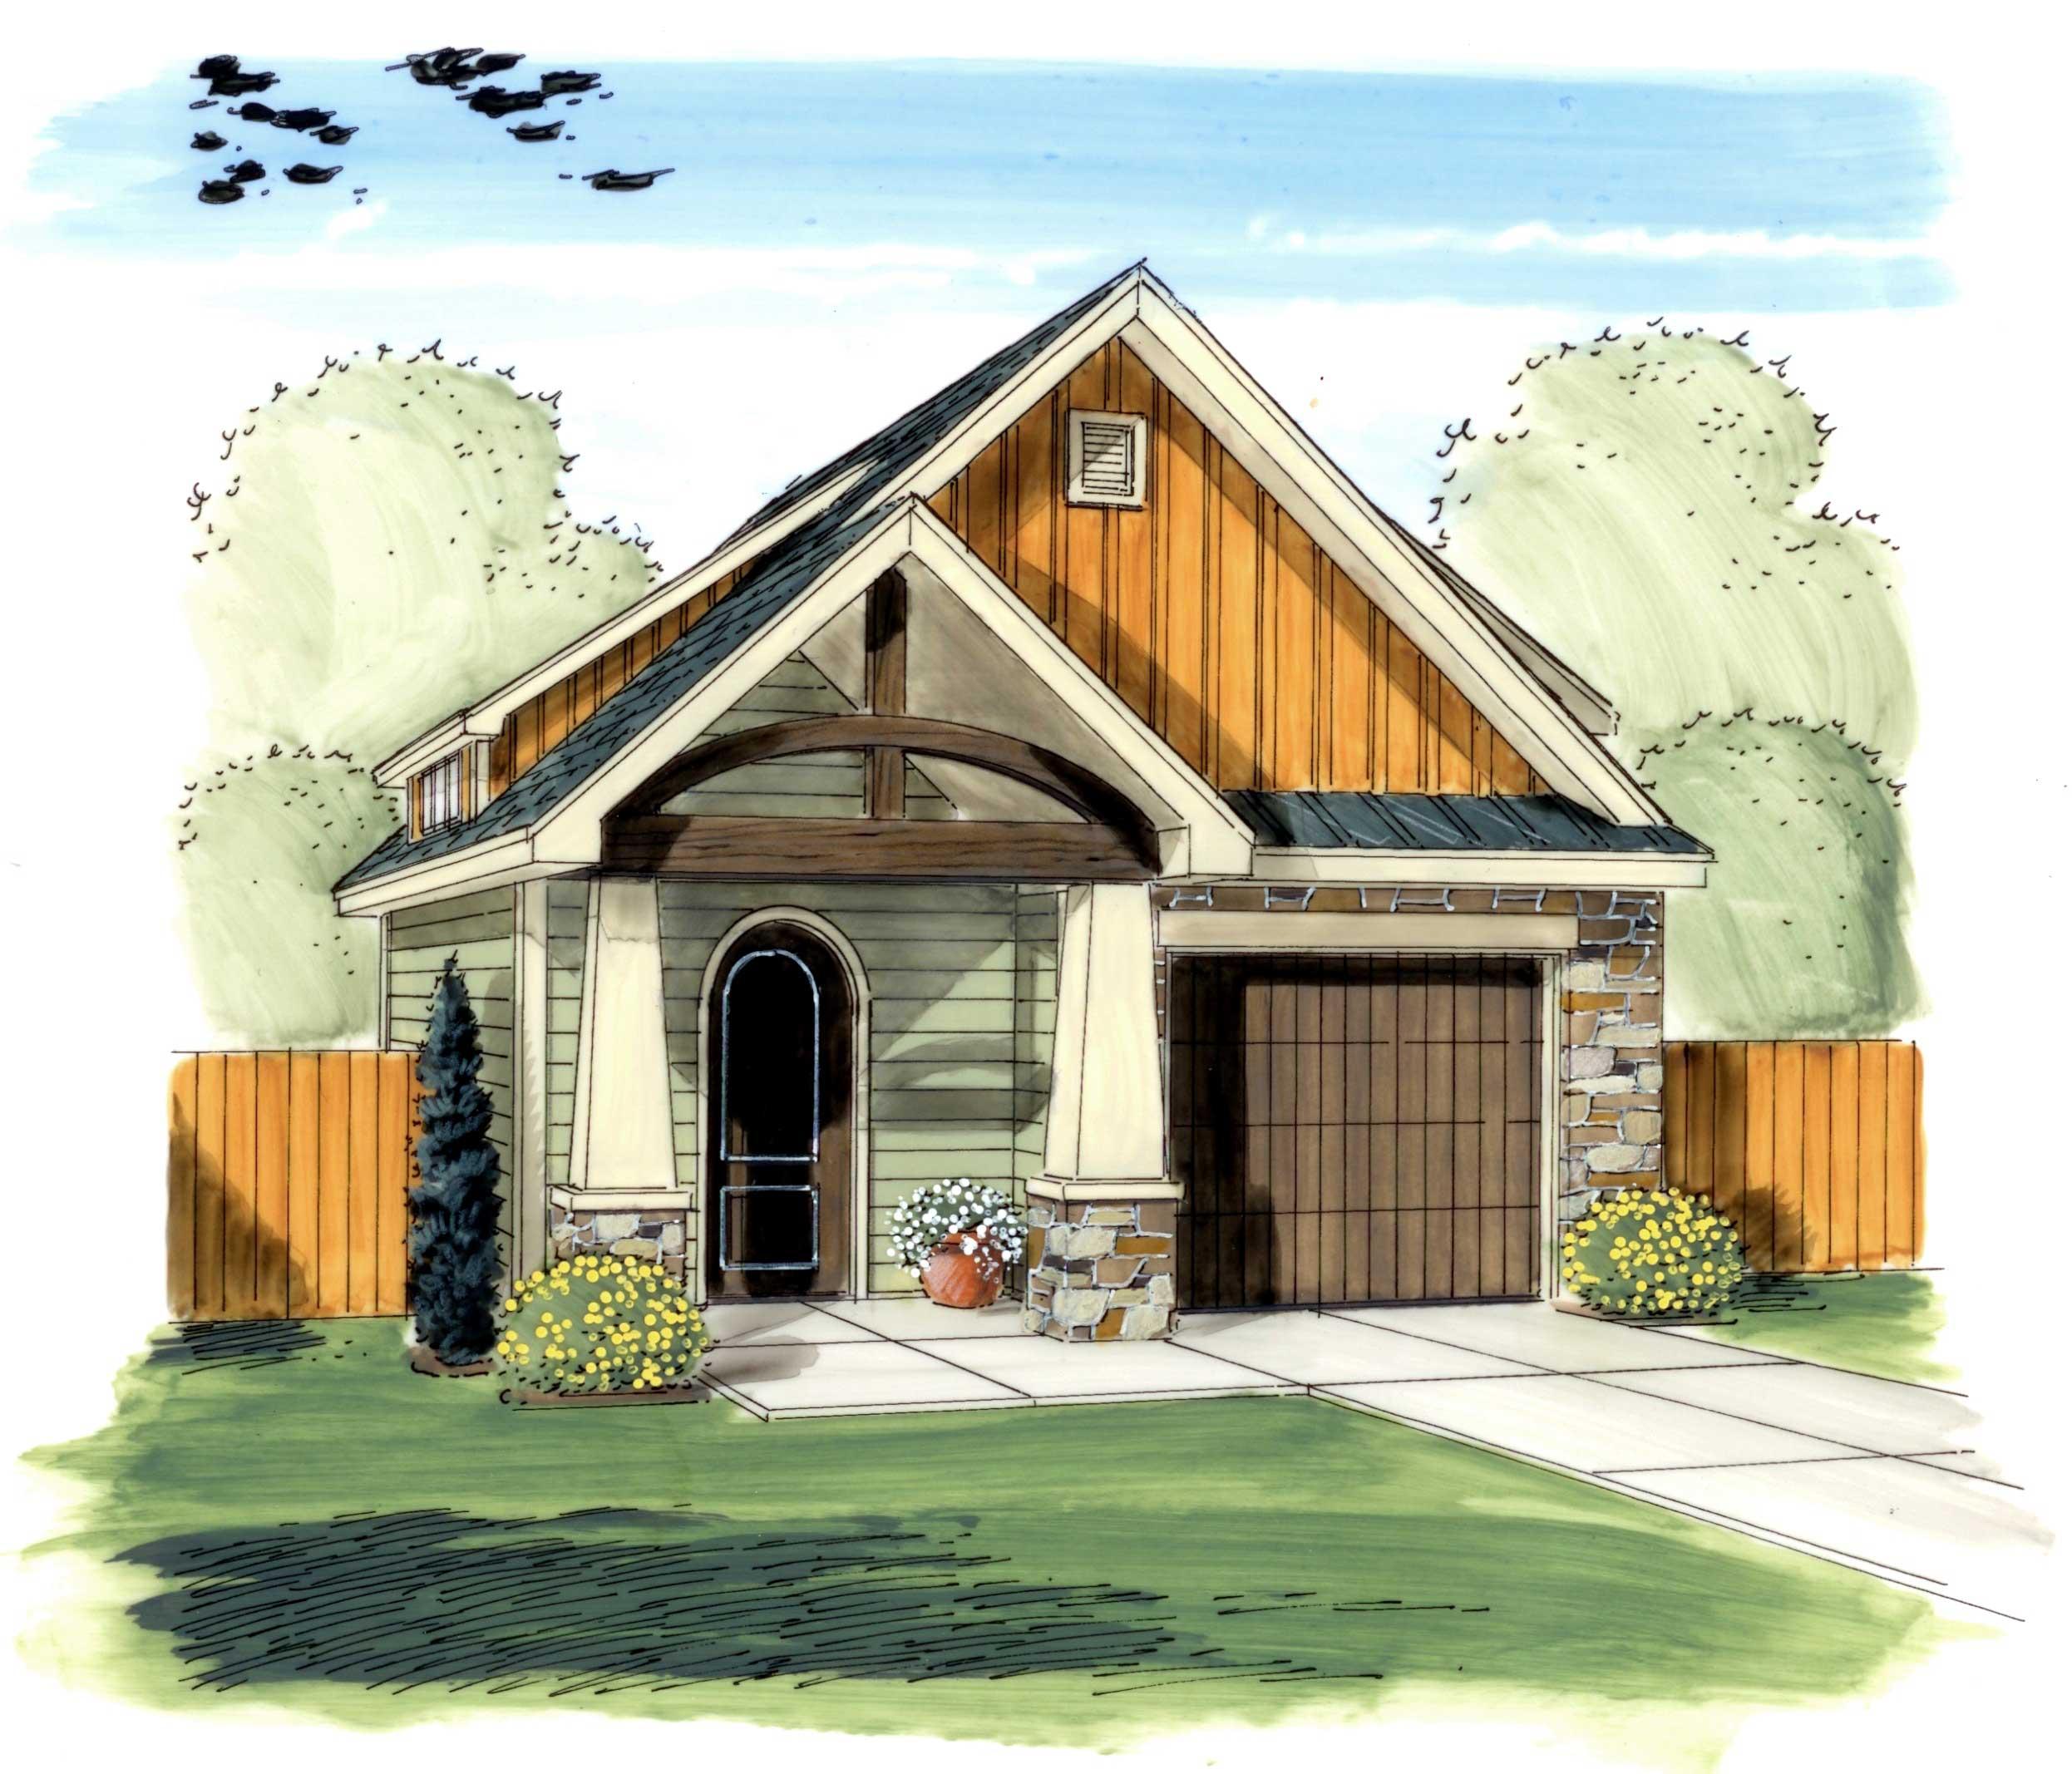 Garage Design Plans: Garage Style Garage With 1 Car, 0 Bedroom, 626 Sq Ft